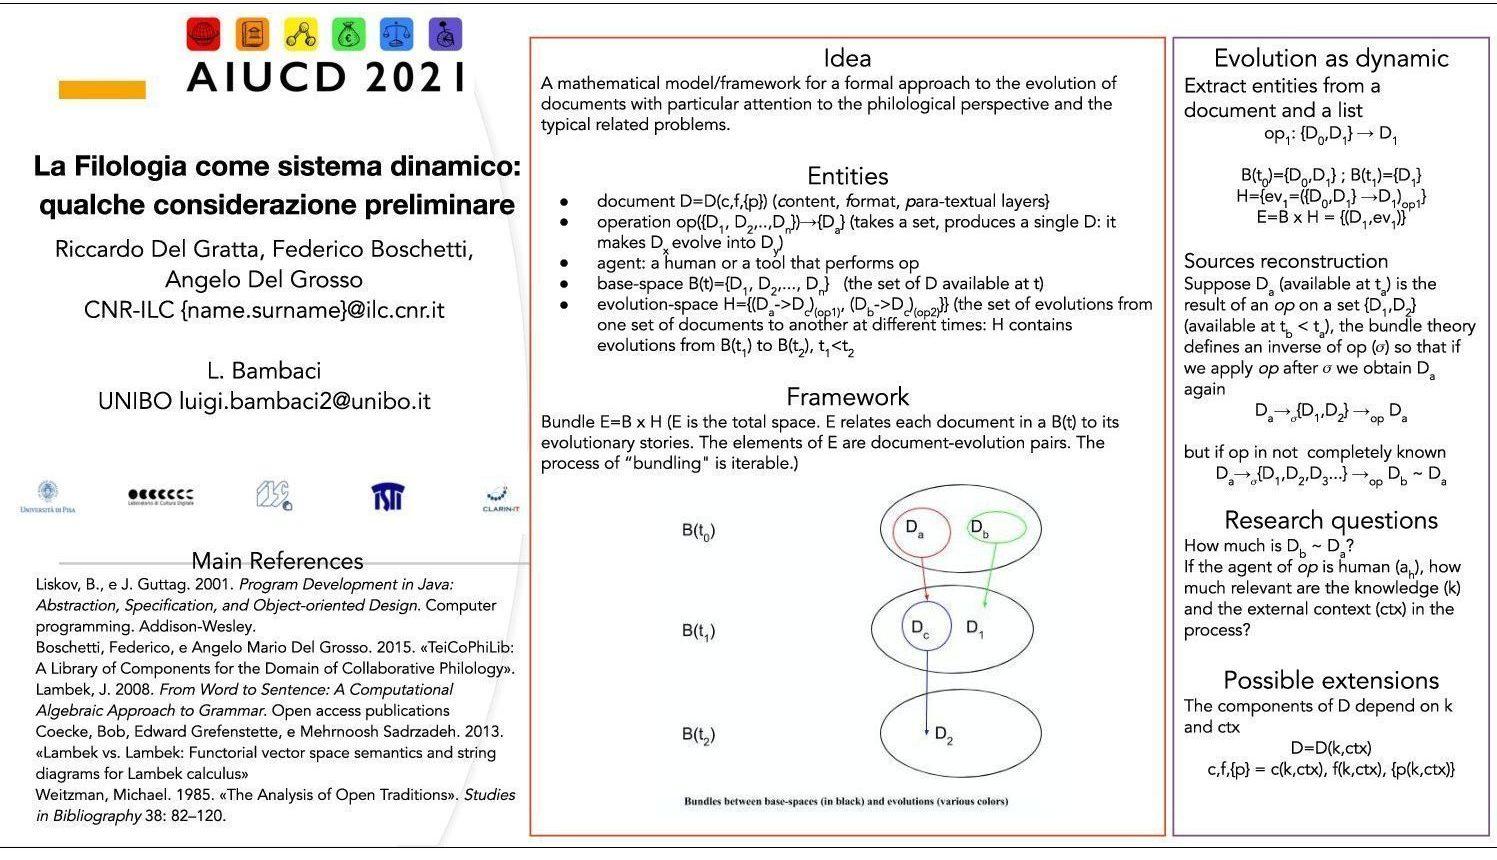 Riccardo Del Gratta, Federico Boschetti, Angelo Mario Del Grosso and Luigi Bambaci - La Filologia come sistema dinamico: qualche considerazione preliminare